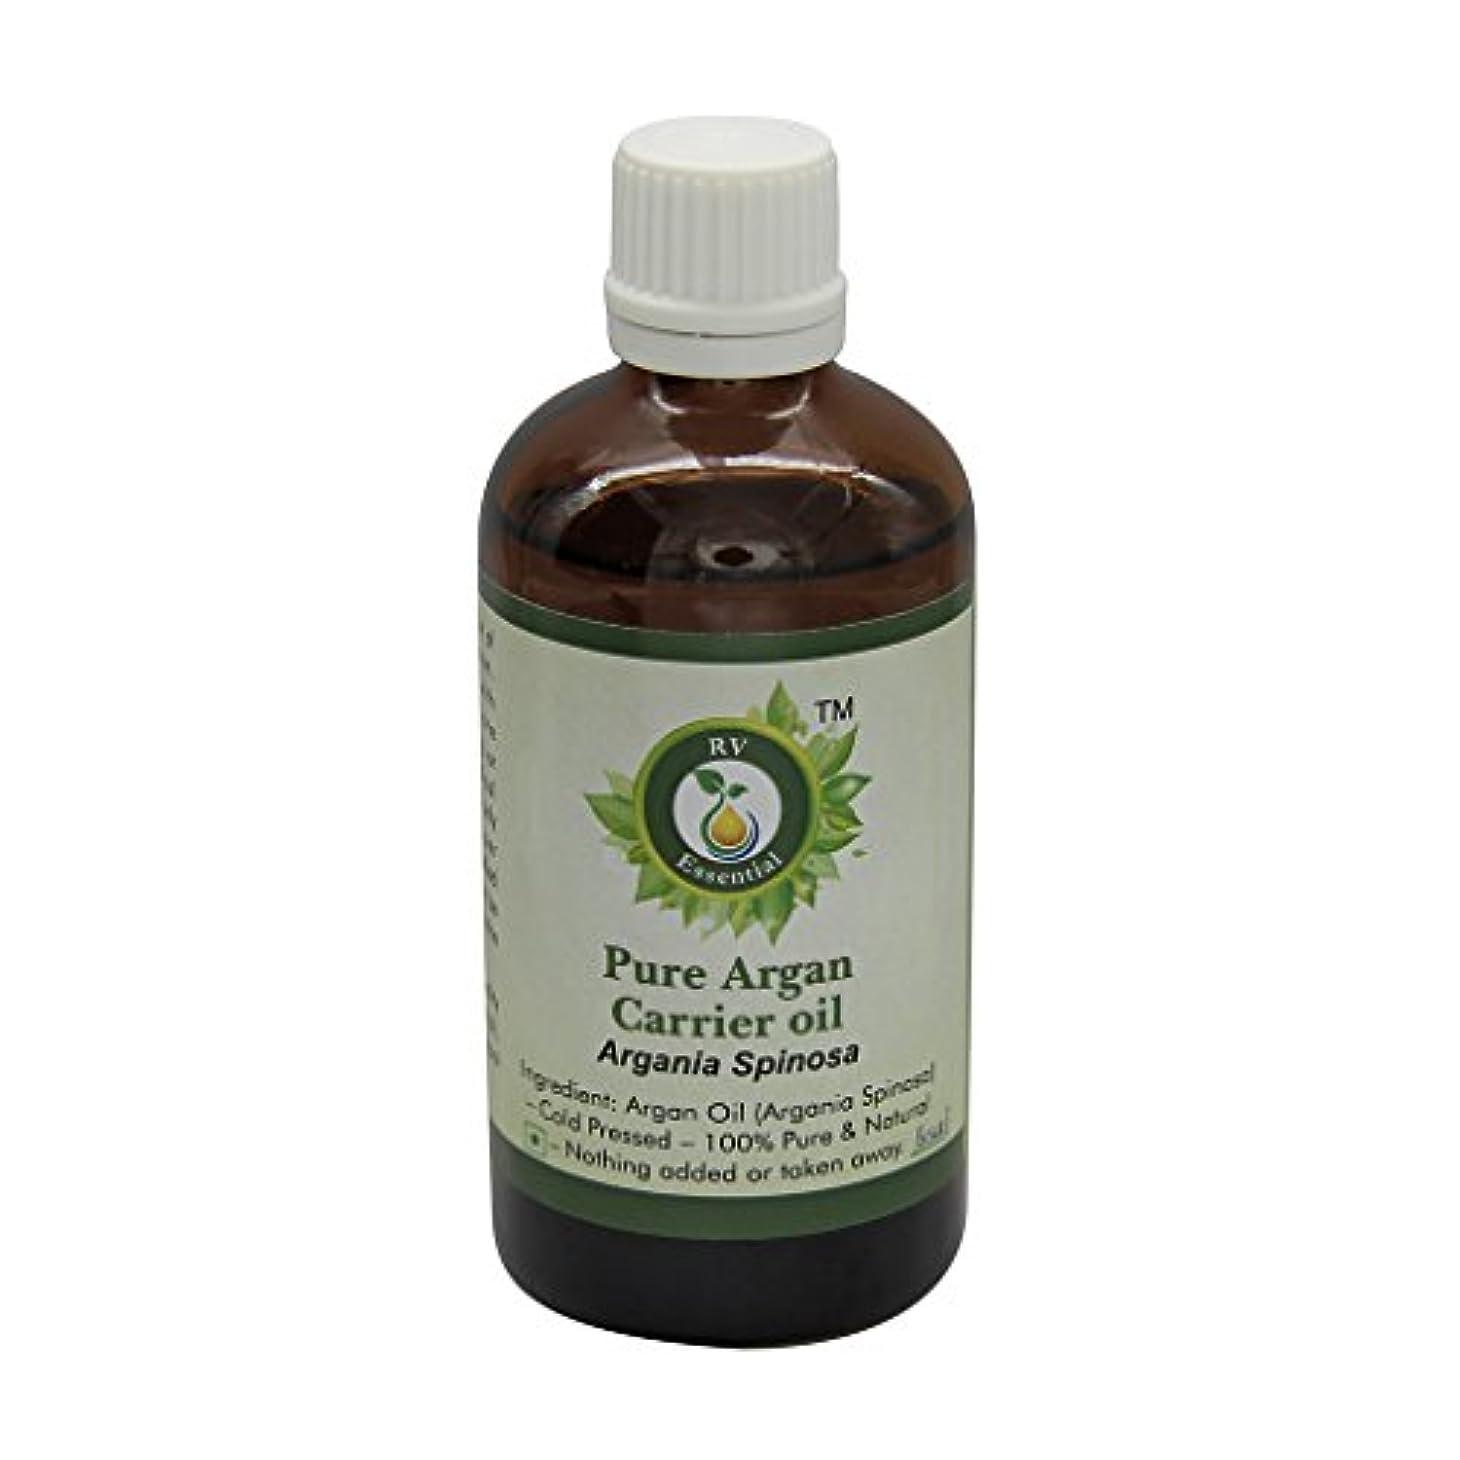 非行かまど通り抜けるR V Essential ピュアアルガンキャリアオイル100ml (3.38oz)- Argania Spinosa (100%ピュア&ナチュラルコールドPressed) Pure Argan Carrier Oil